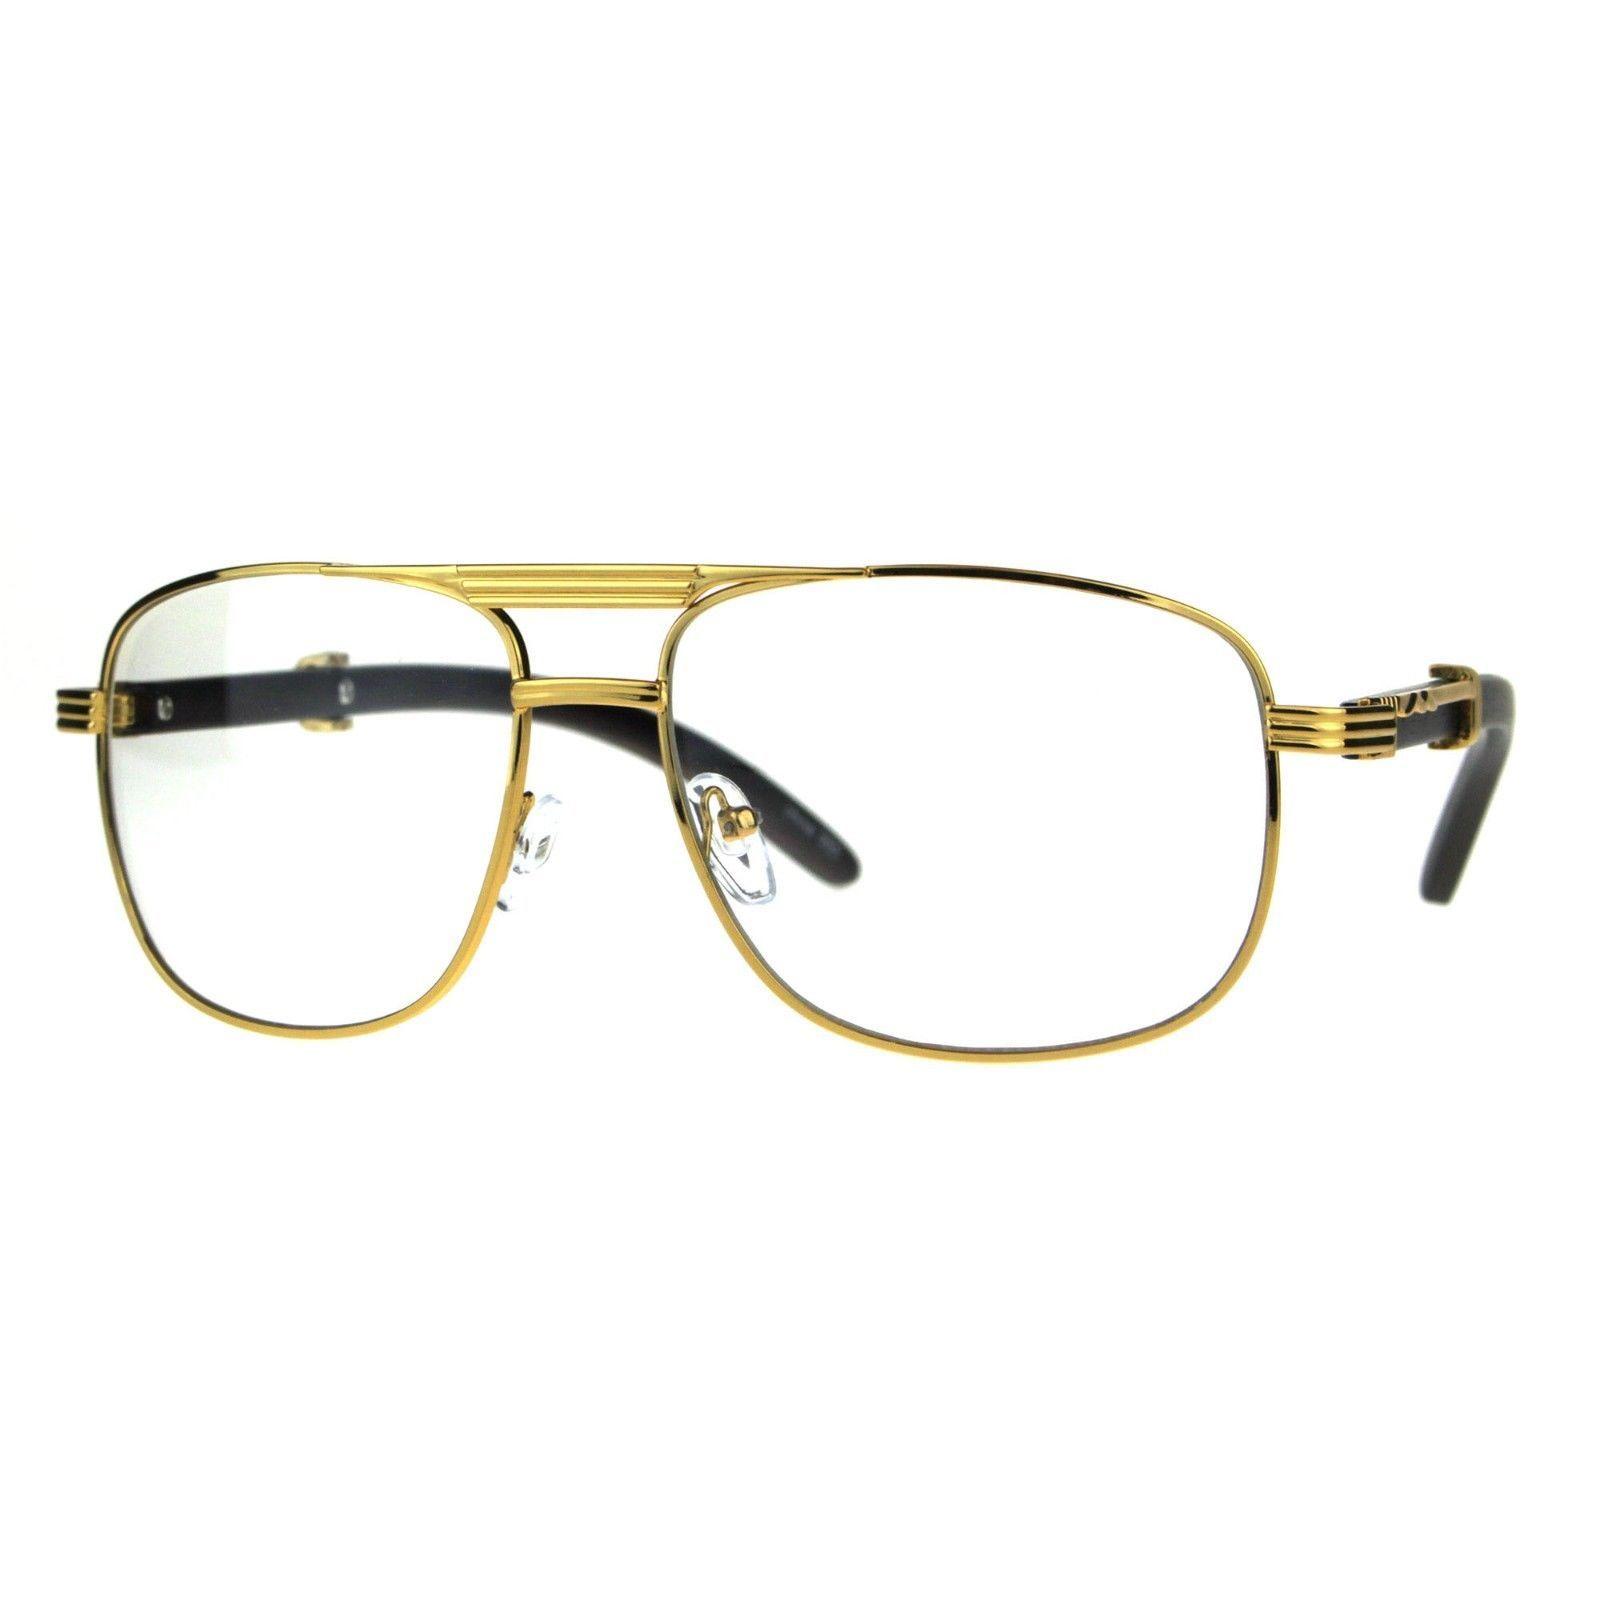 2315c4b37f 57. 57. Previous. Mens Clear Lens Glasses Square Navigator Wood Buff  Fashion Eyeglasses